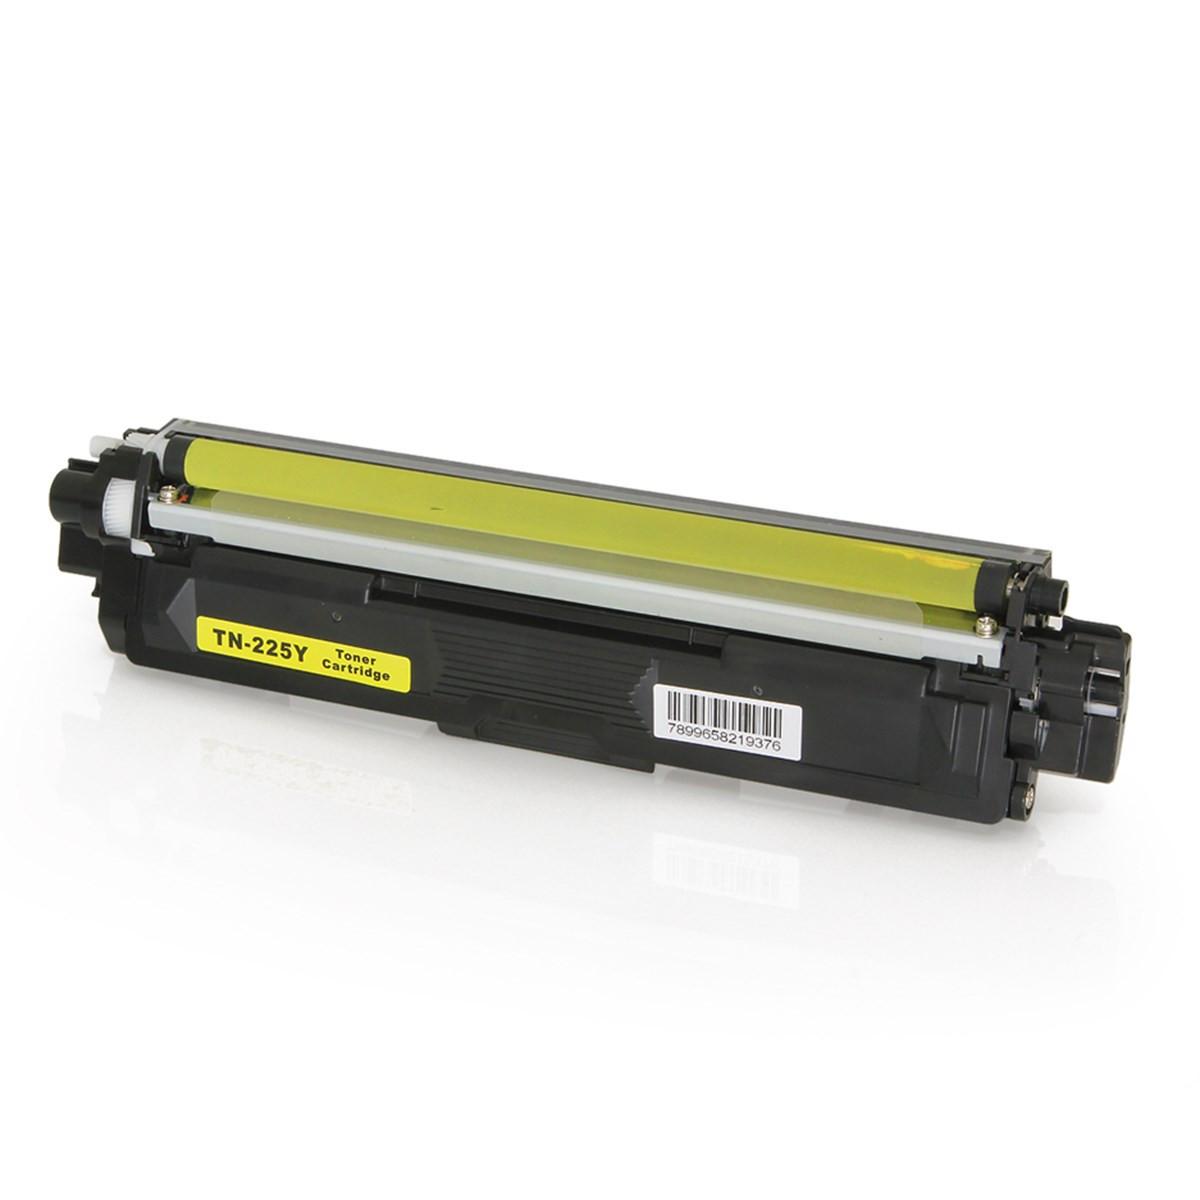 Toner Compatível com Brother TN221 TN225 Amarelo | HL3170 MFC9130 HL3140 MFC9020 | Importado 2.2k